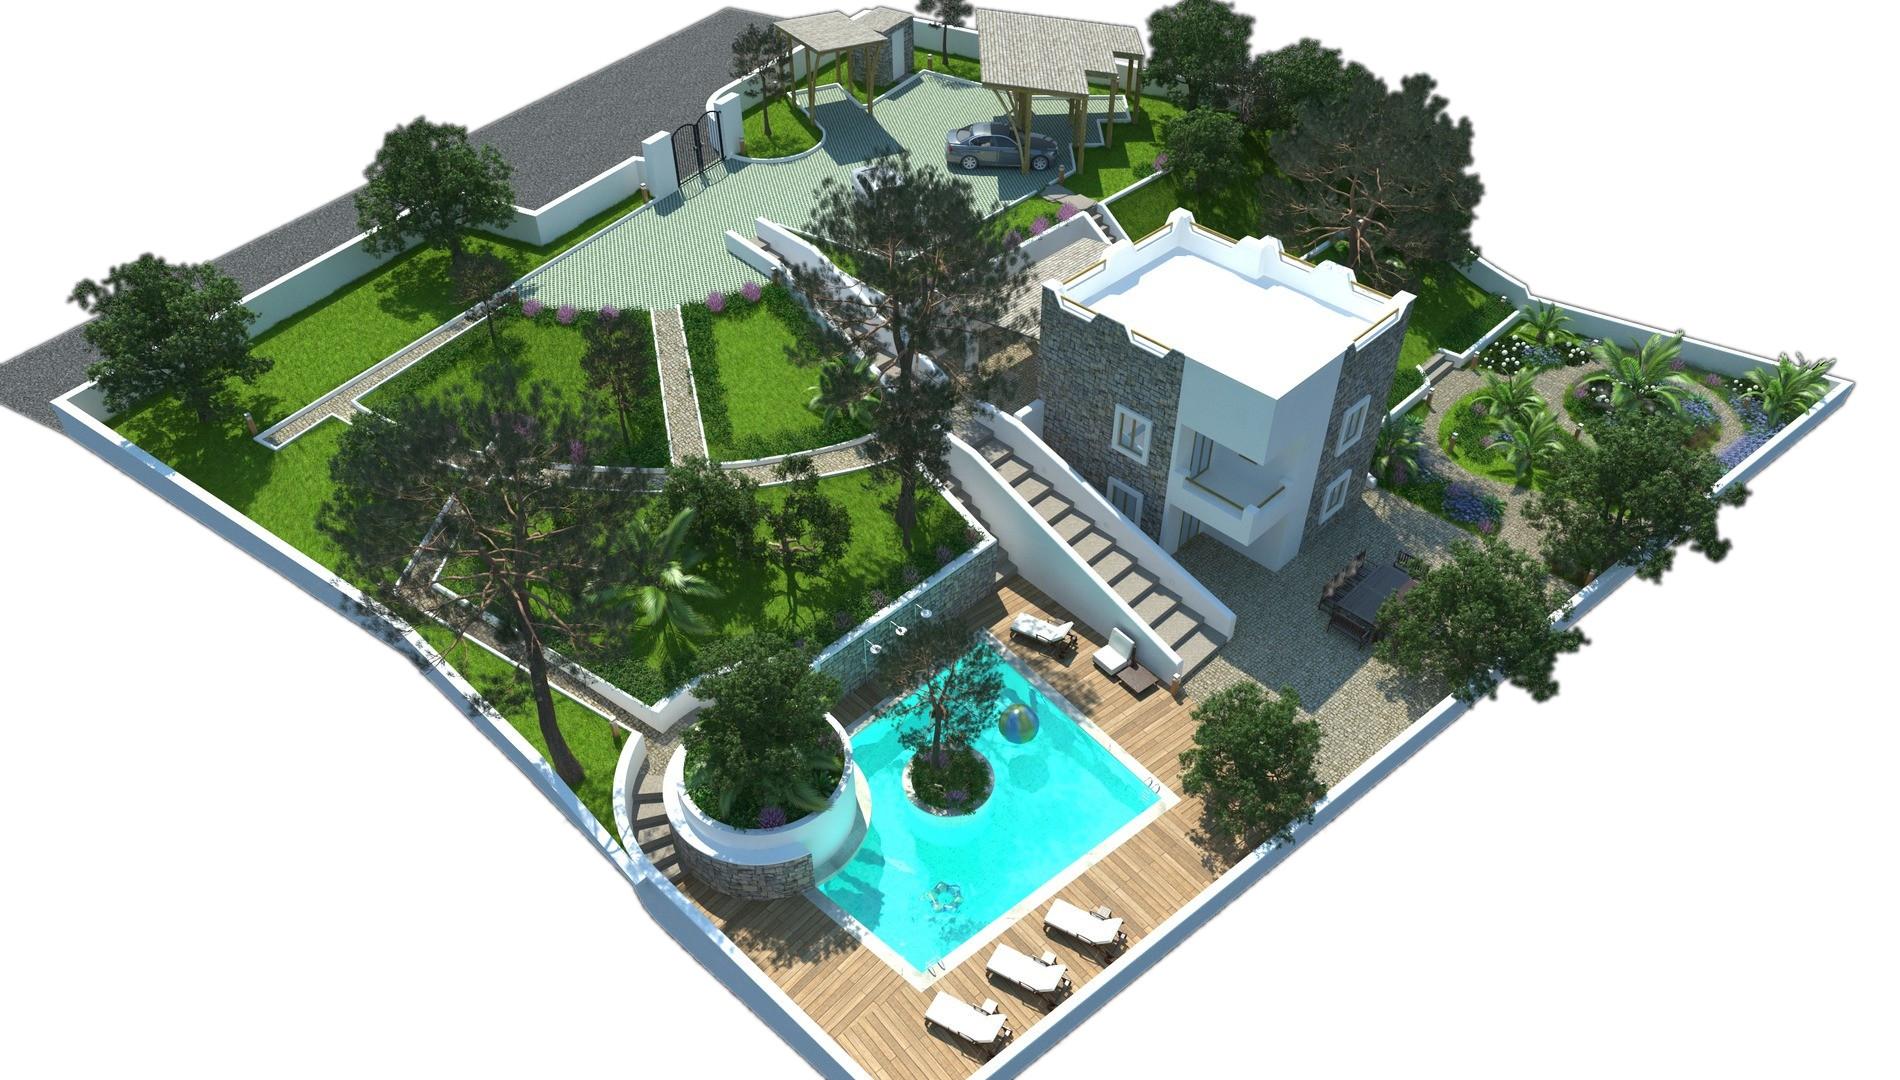 Ristrutturazione Villa in Puglia - Rendering